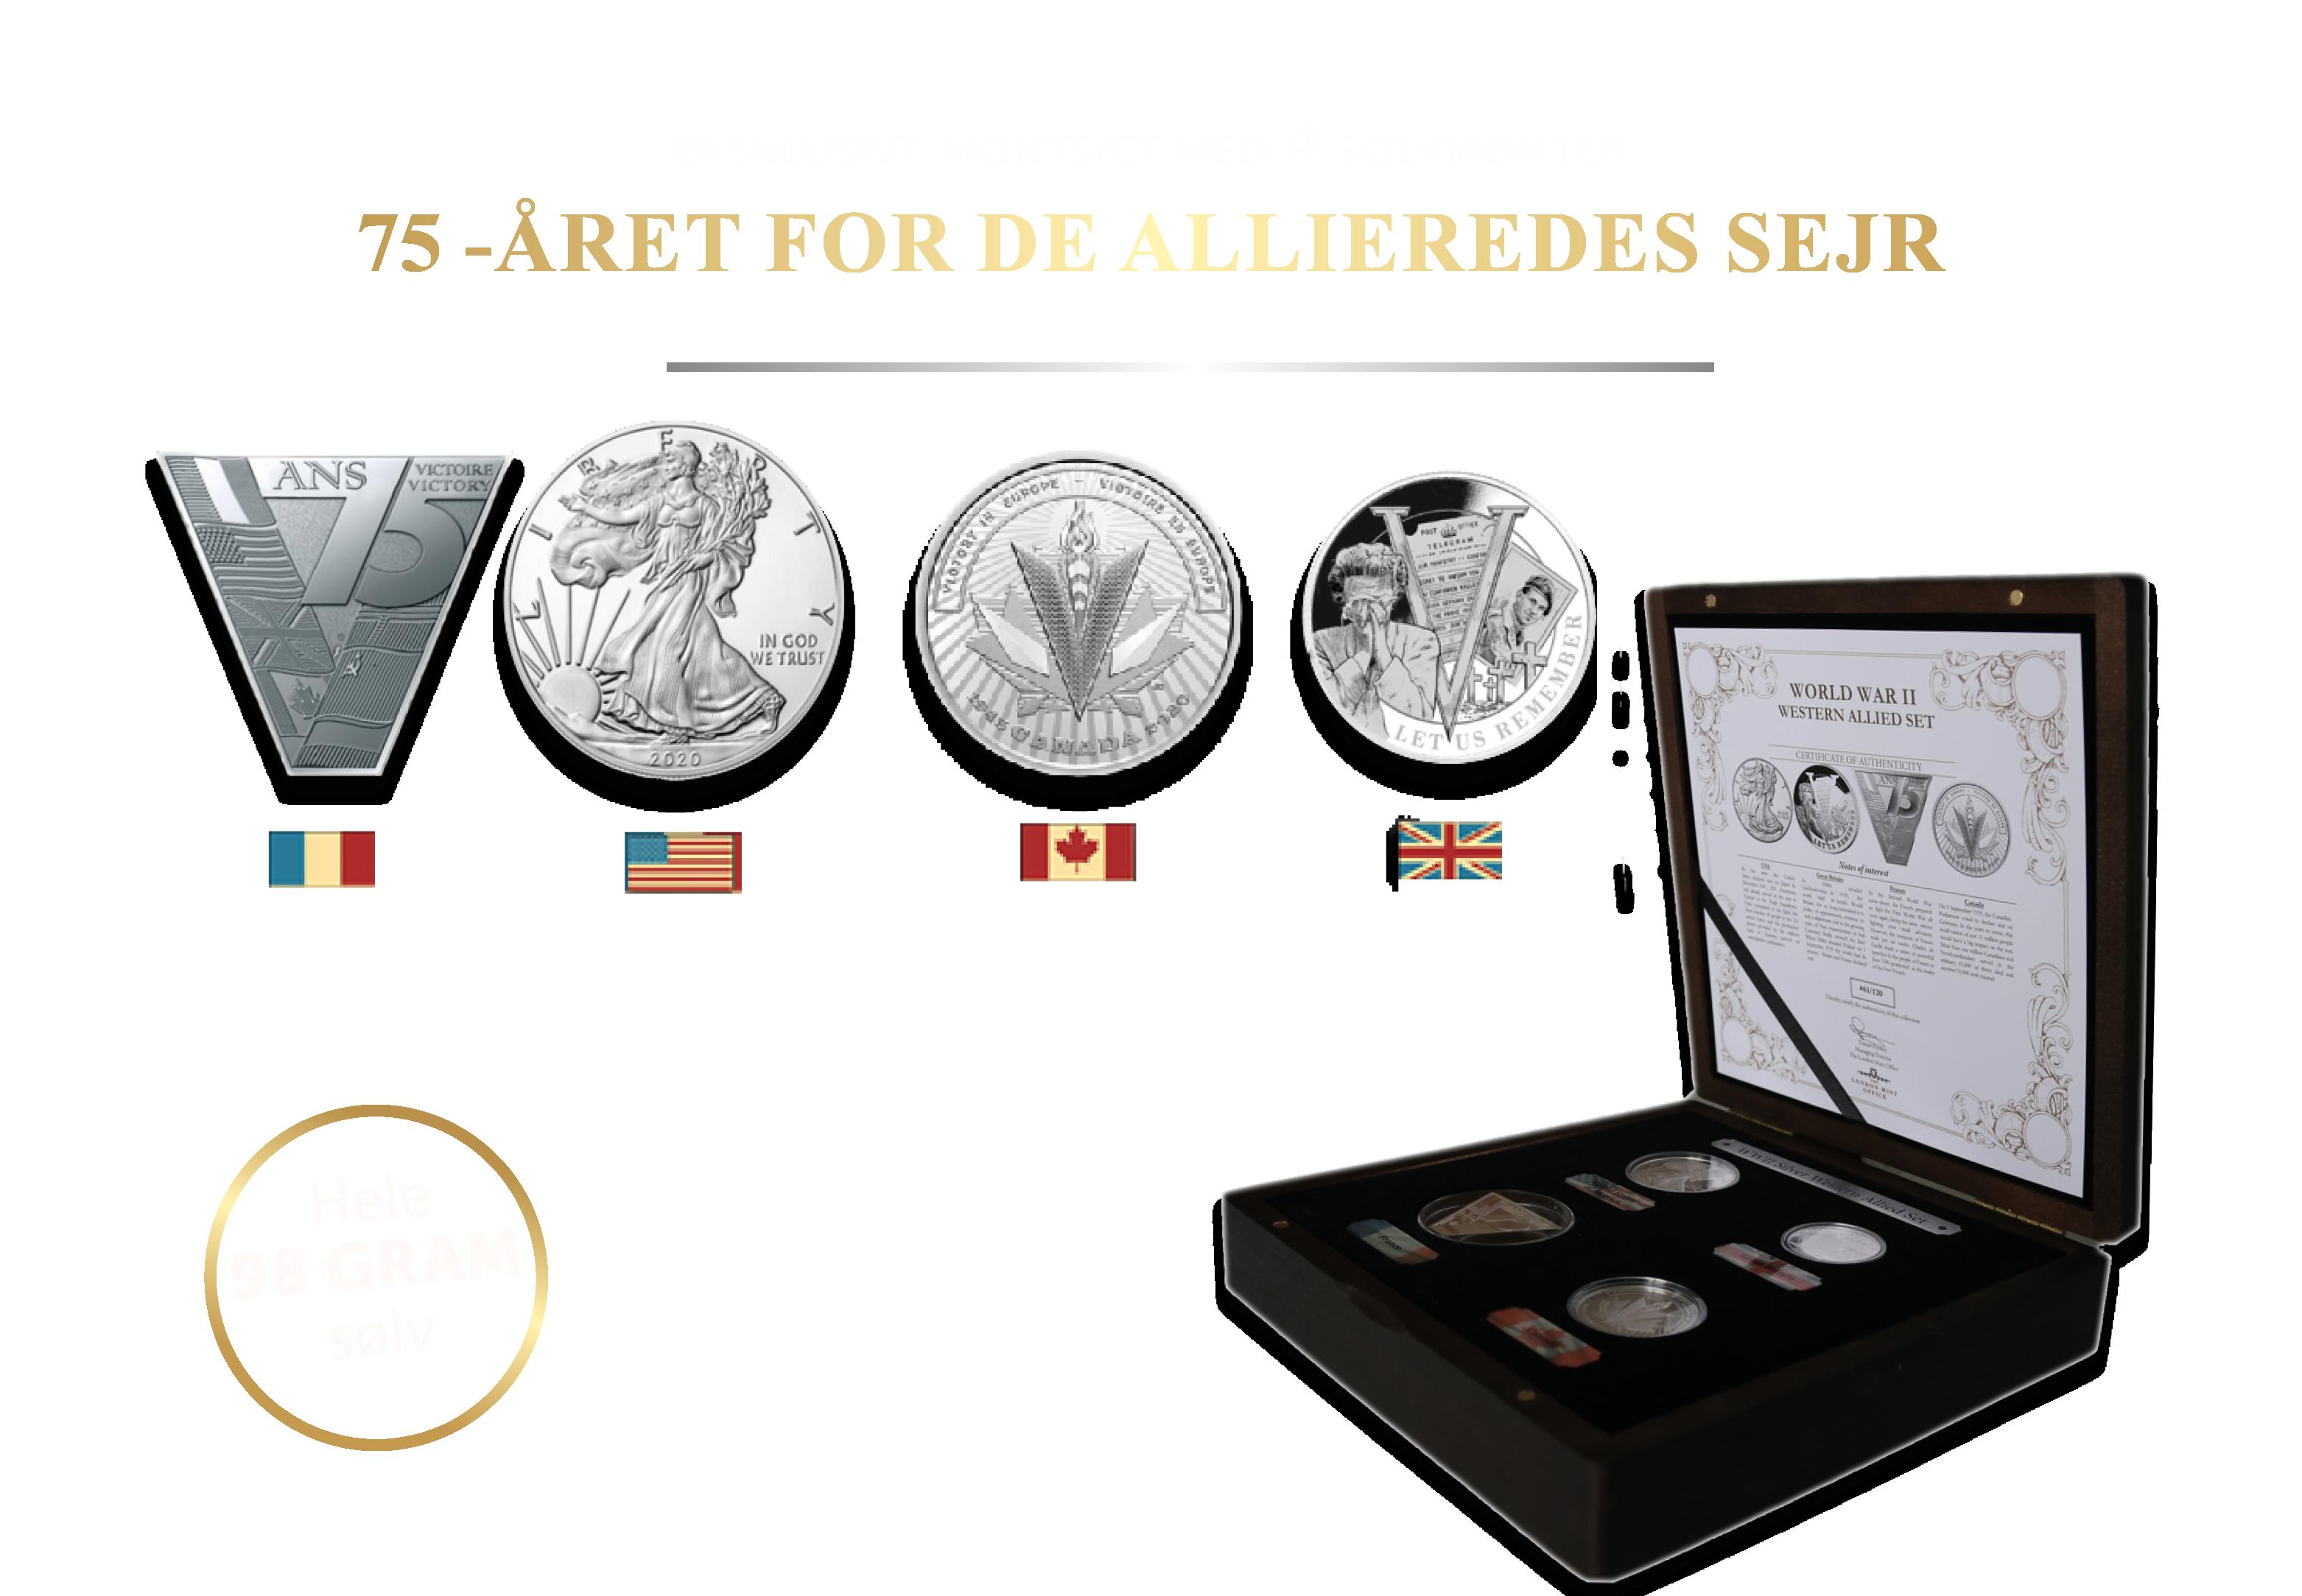 The 2020 WWII Western Allied - Fire flotte sølvmønter med en vægt på hele 98 gram sølv